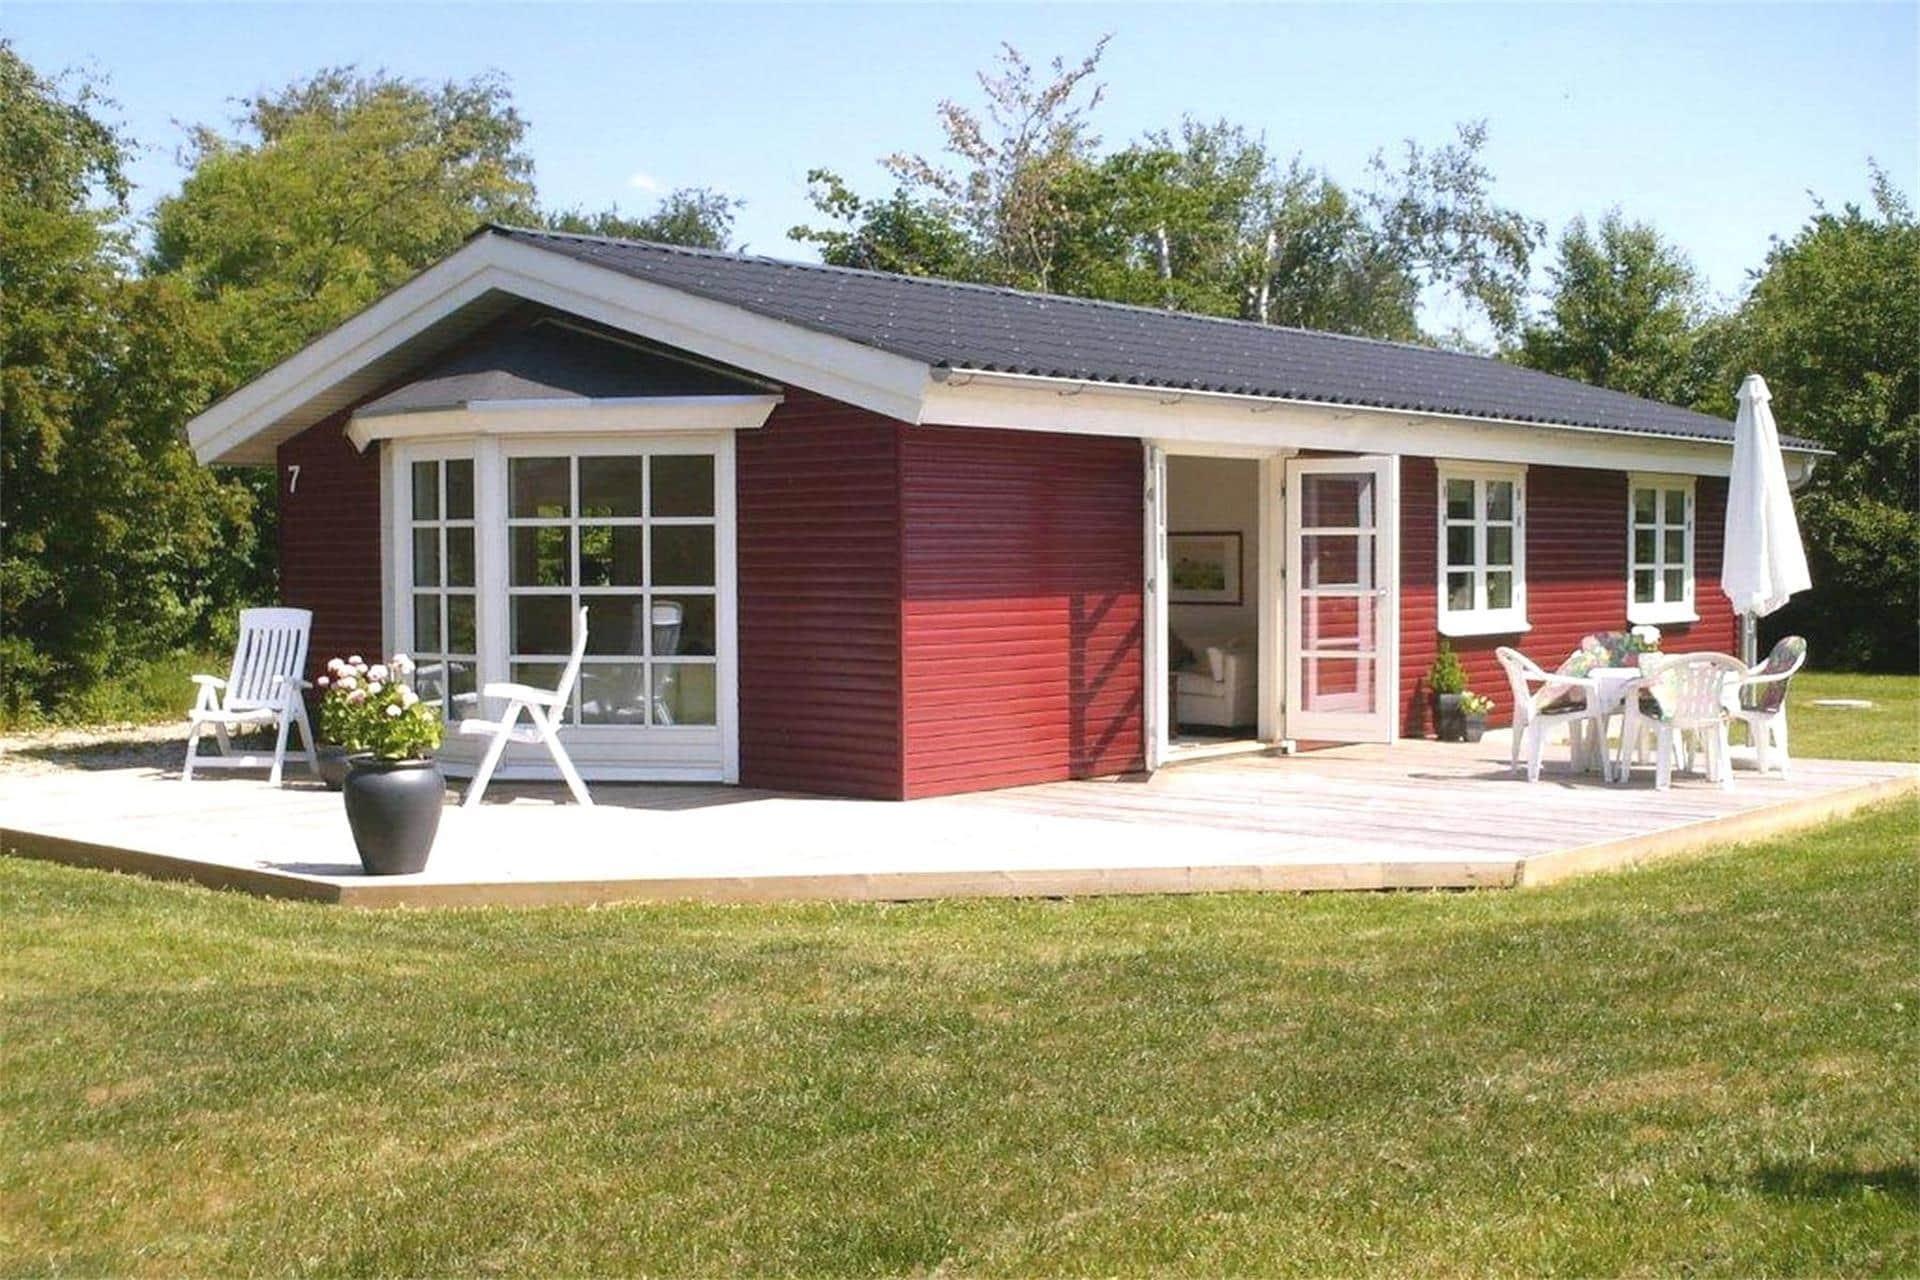 Billede 1-26 Sommerhus SL161, Strandengen 7, DK - 4220 Korsør